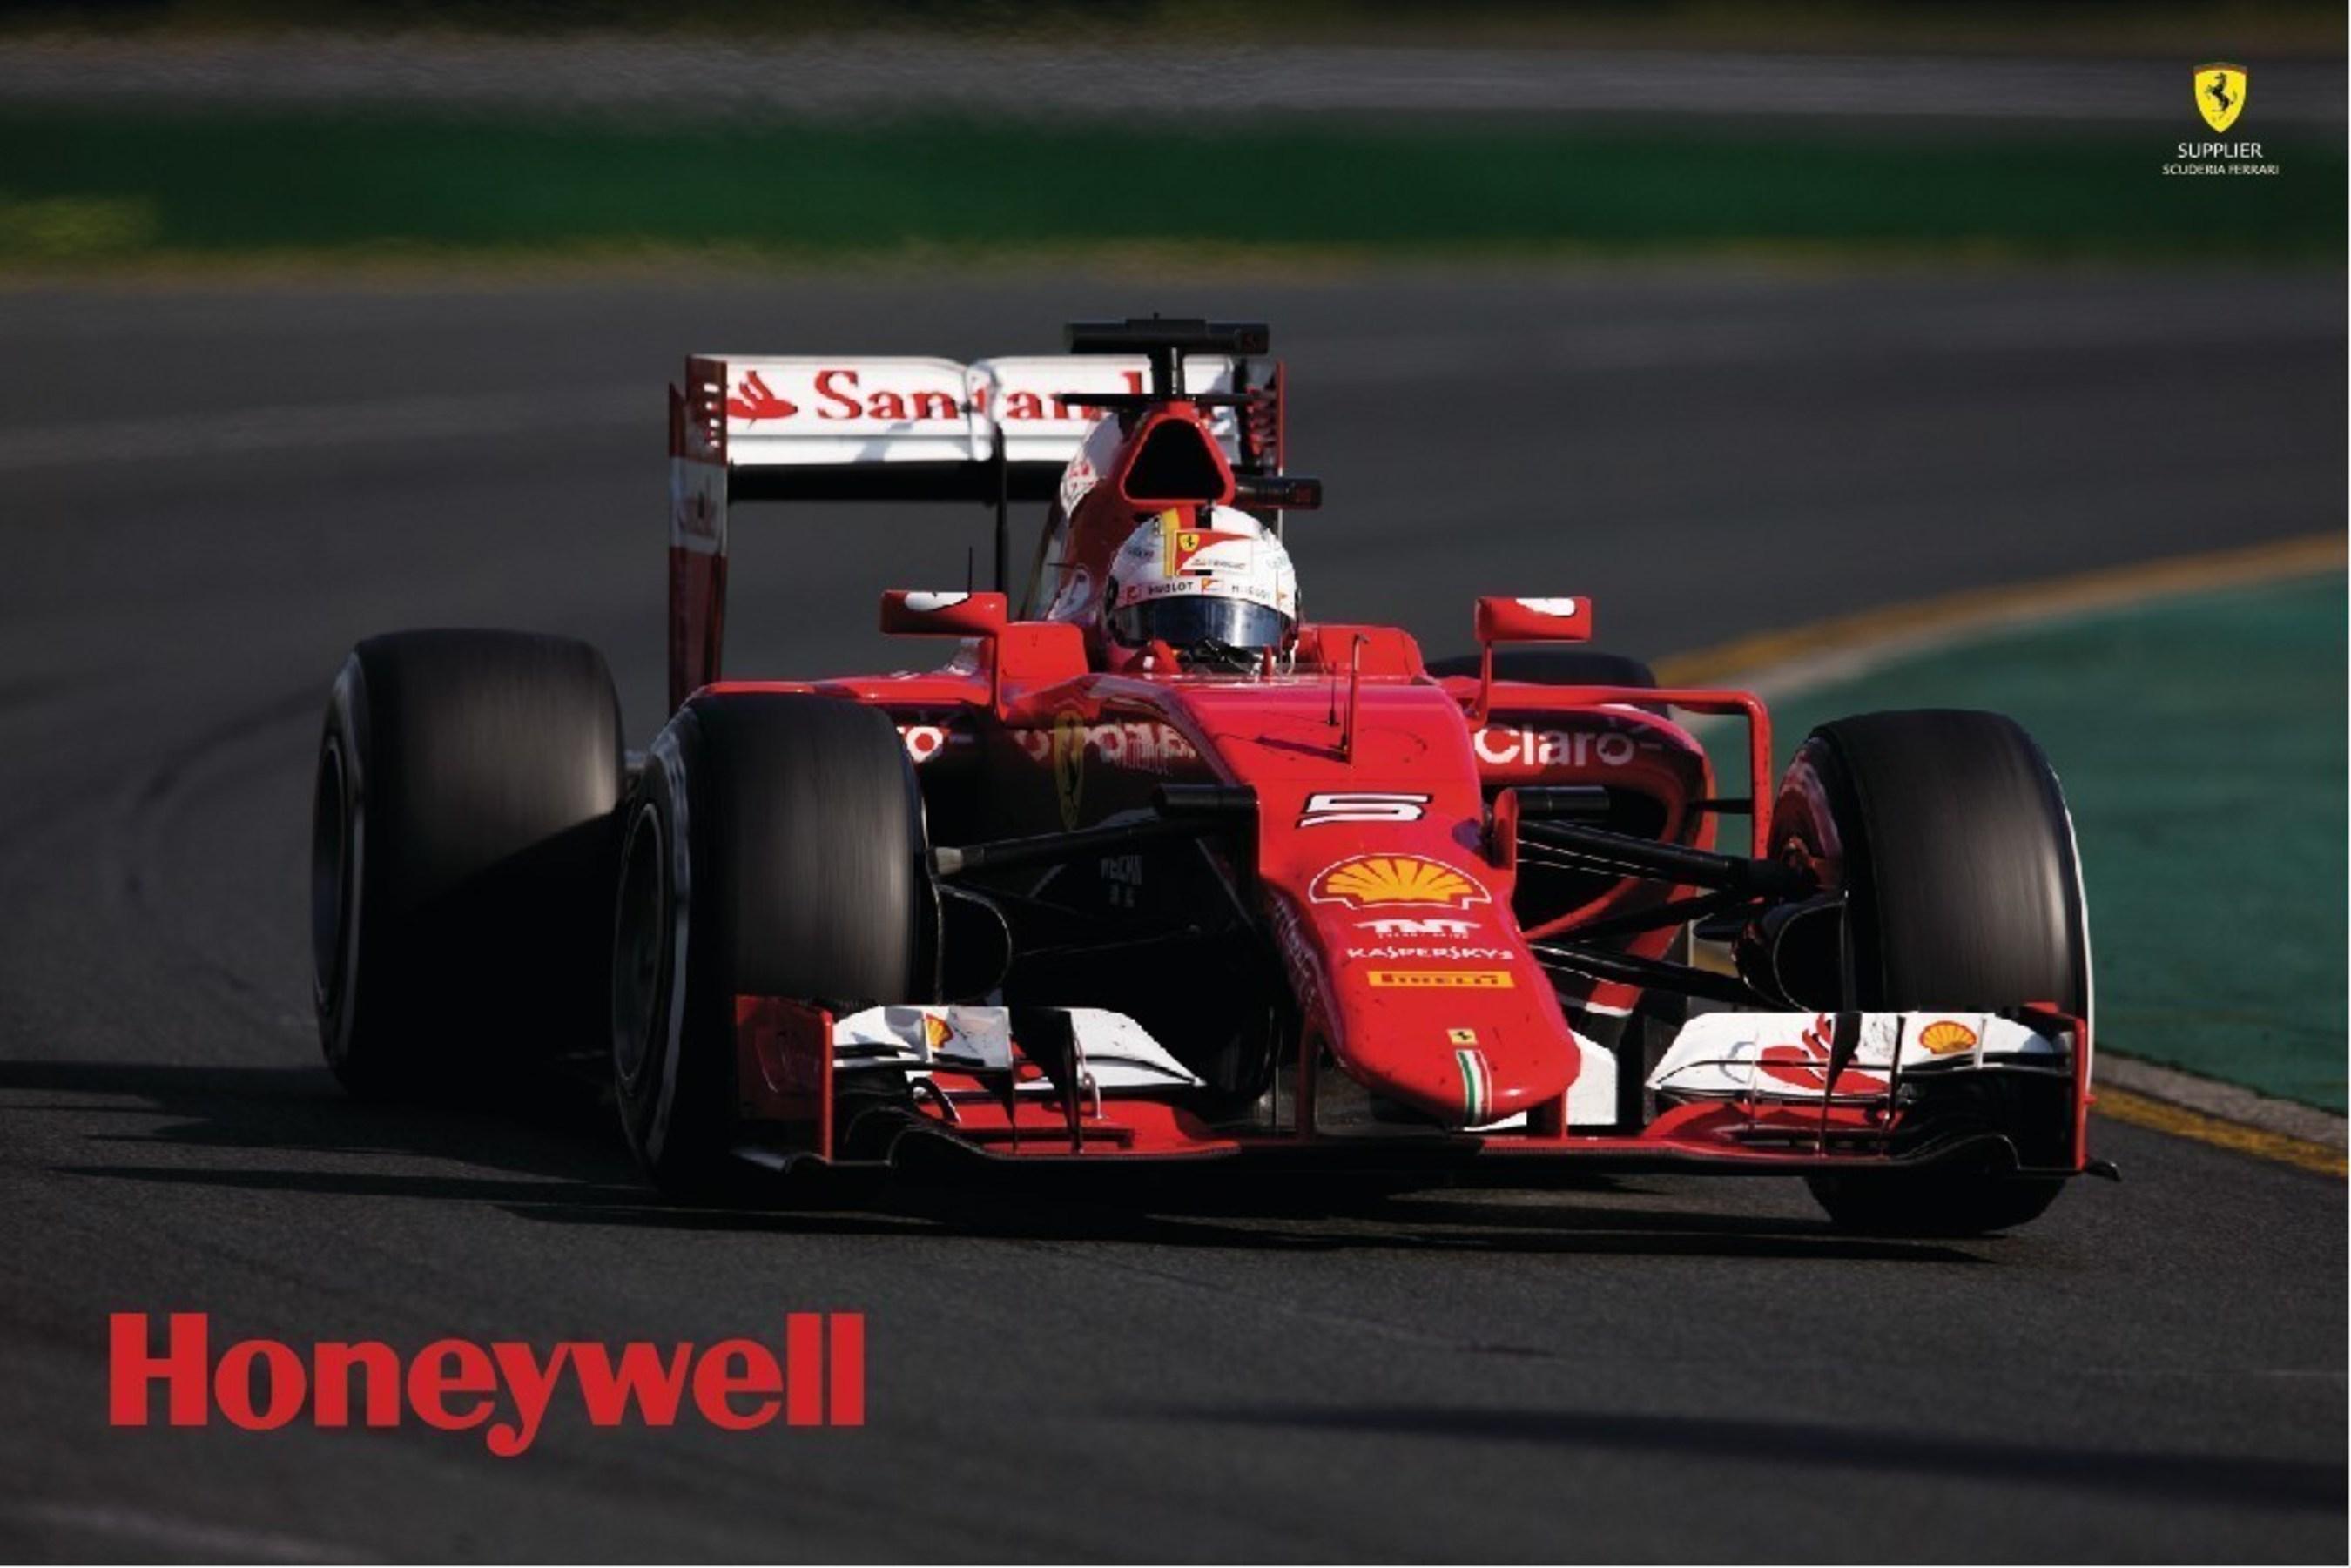 Honeywell Turbo Development aiuta la Scuderia Ferrari a generare maggiore potenza nella Formula Uno